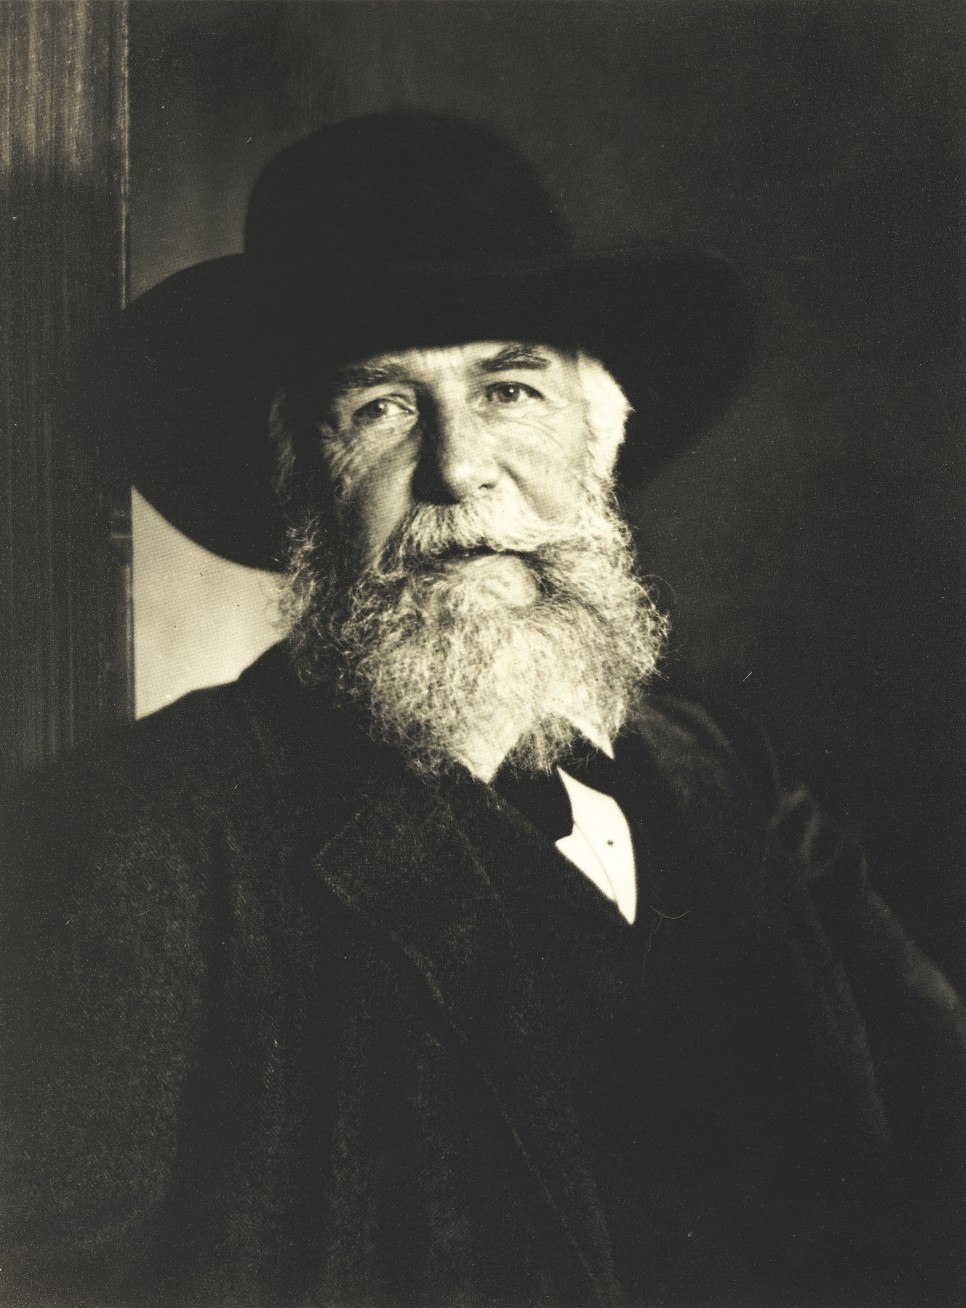 Nicola Perscheid - Ernst Haeckel